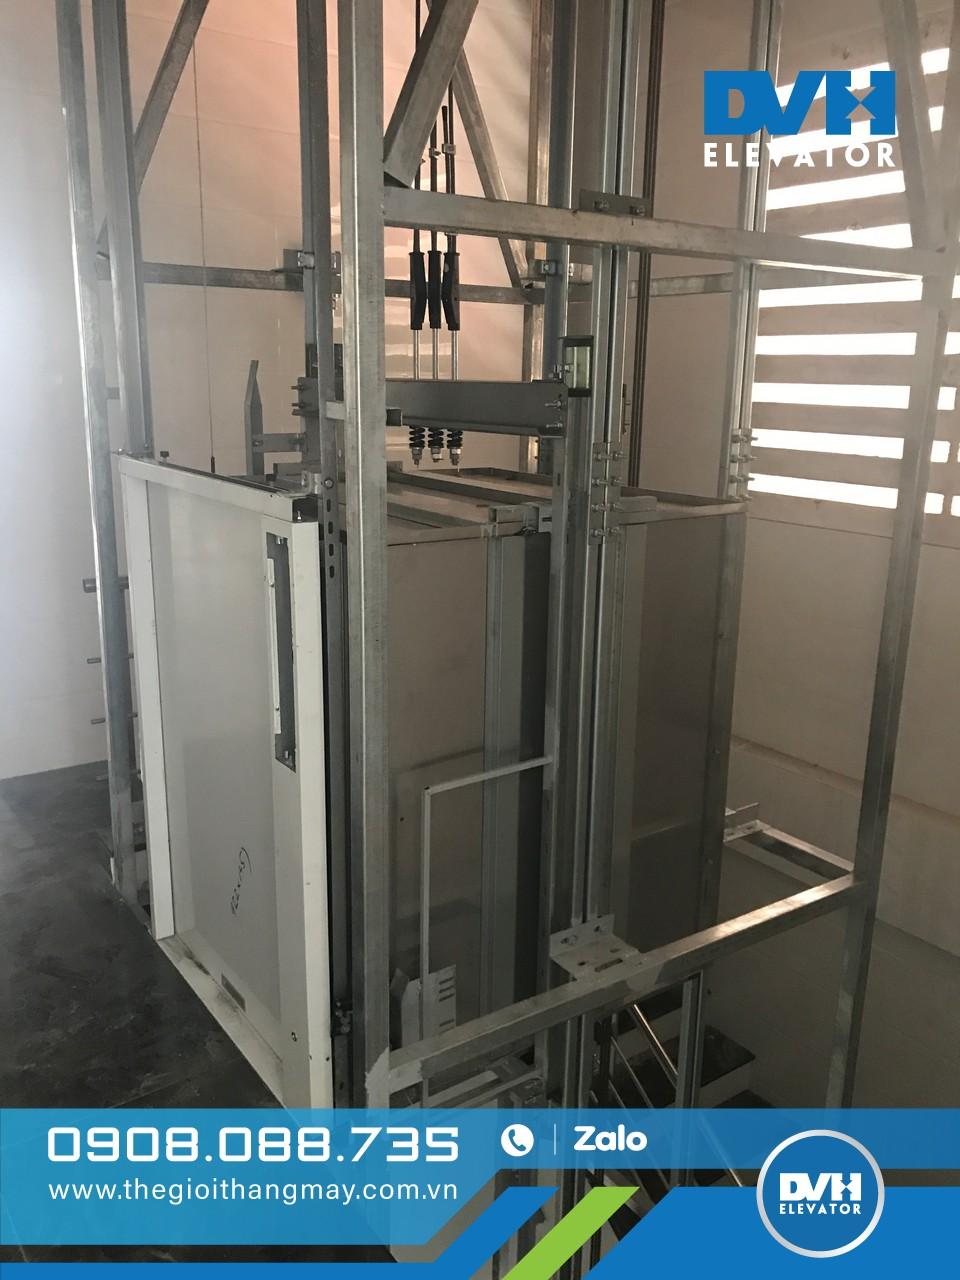 Quy trình lắp đặt thang máy tải thực phẩm đúng tiêu chuẩn